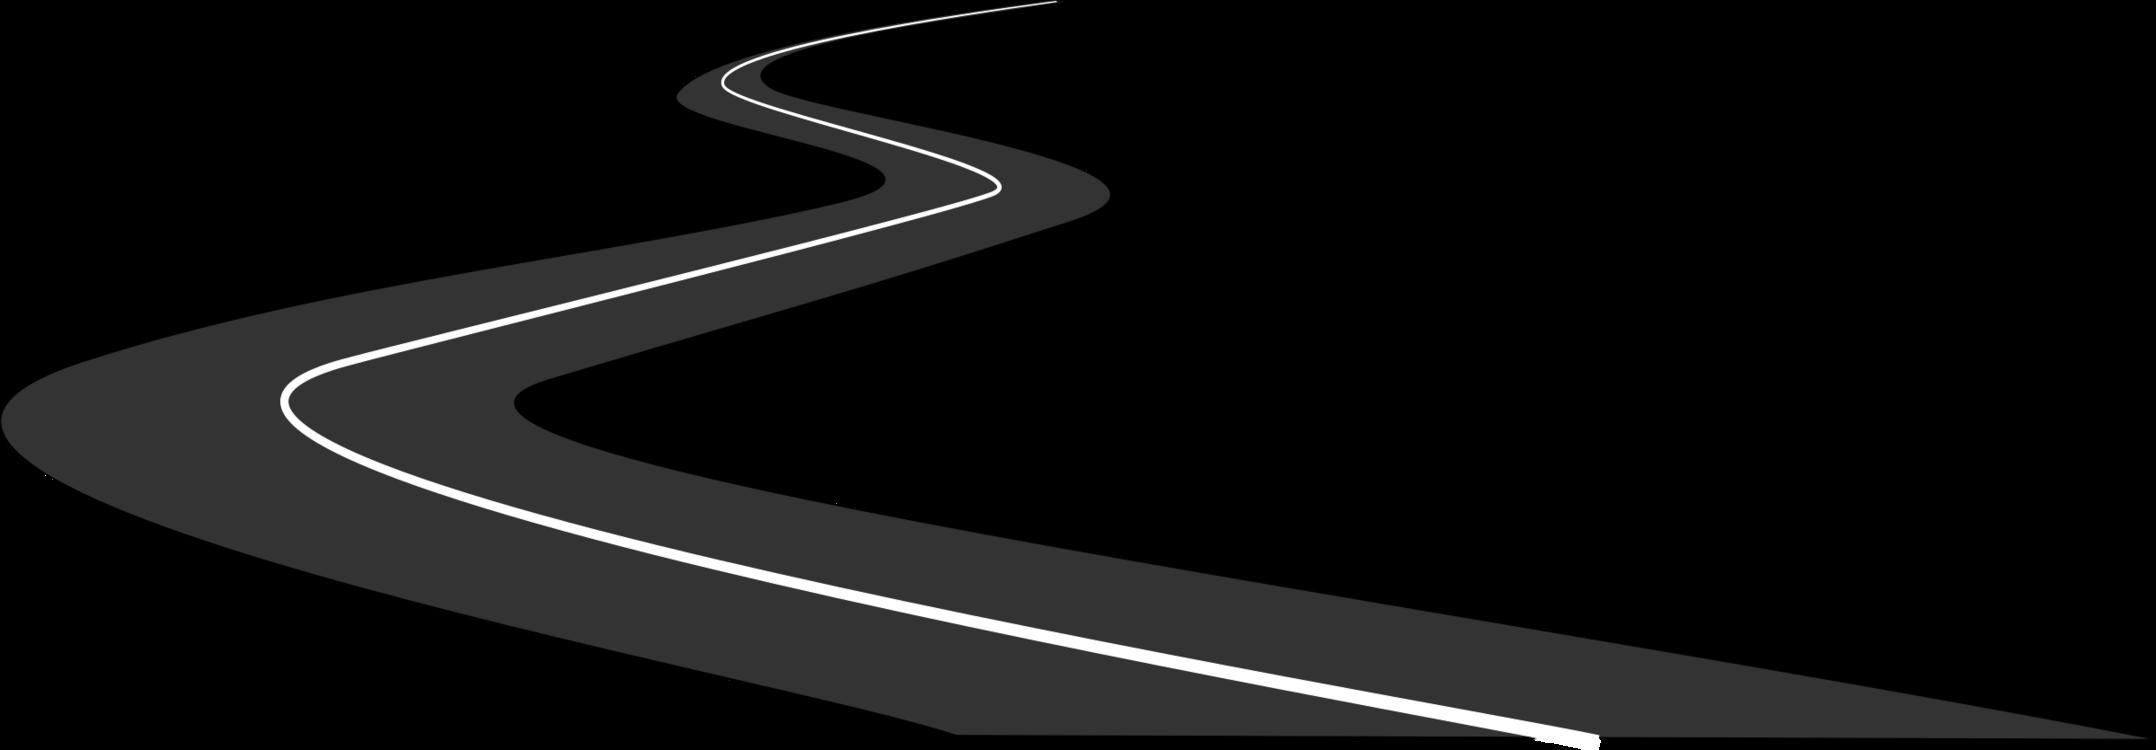 Angle,Monochrome,Line